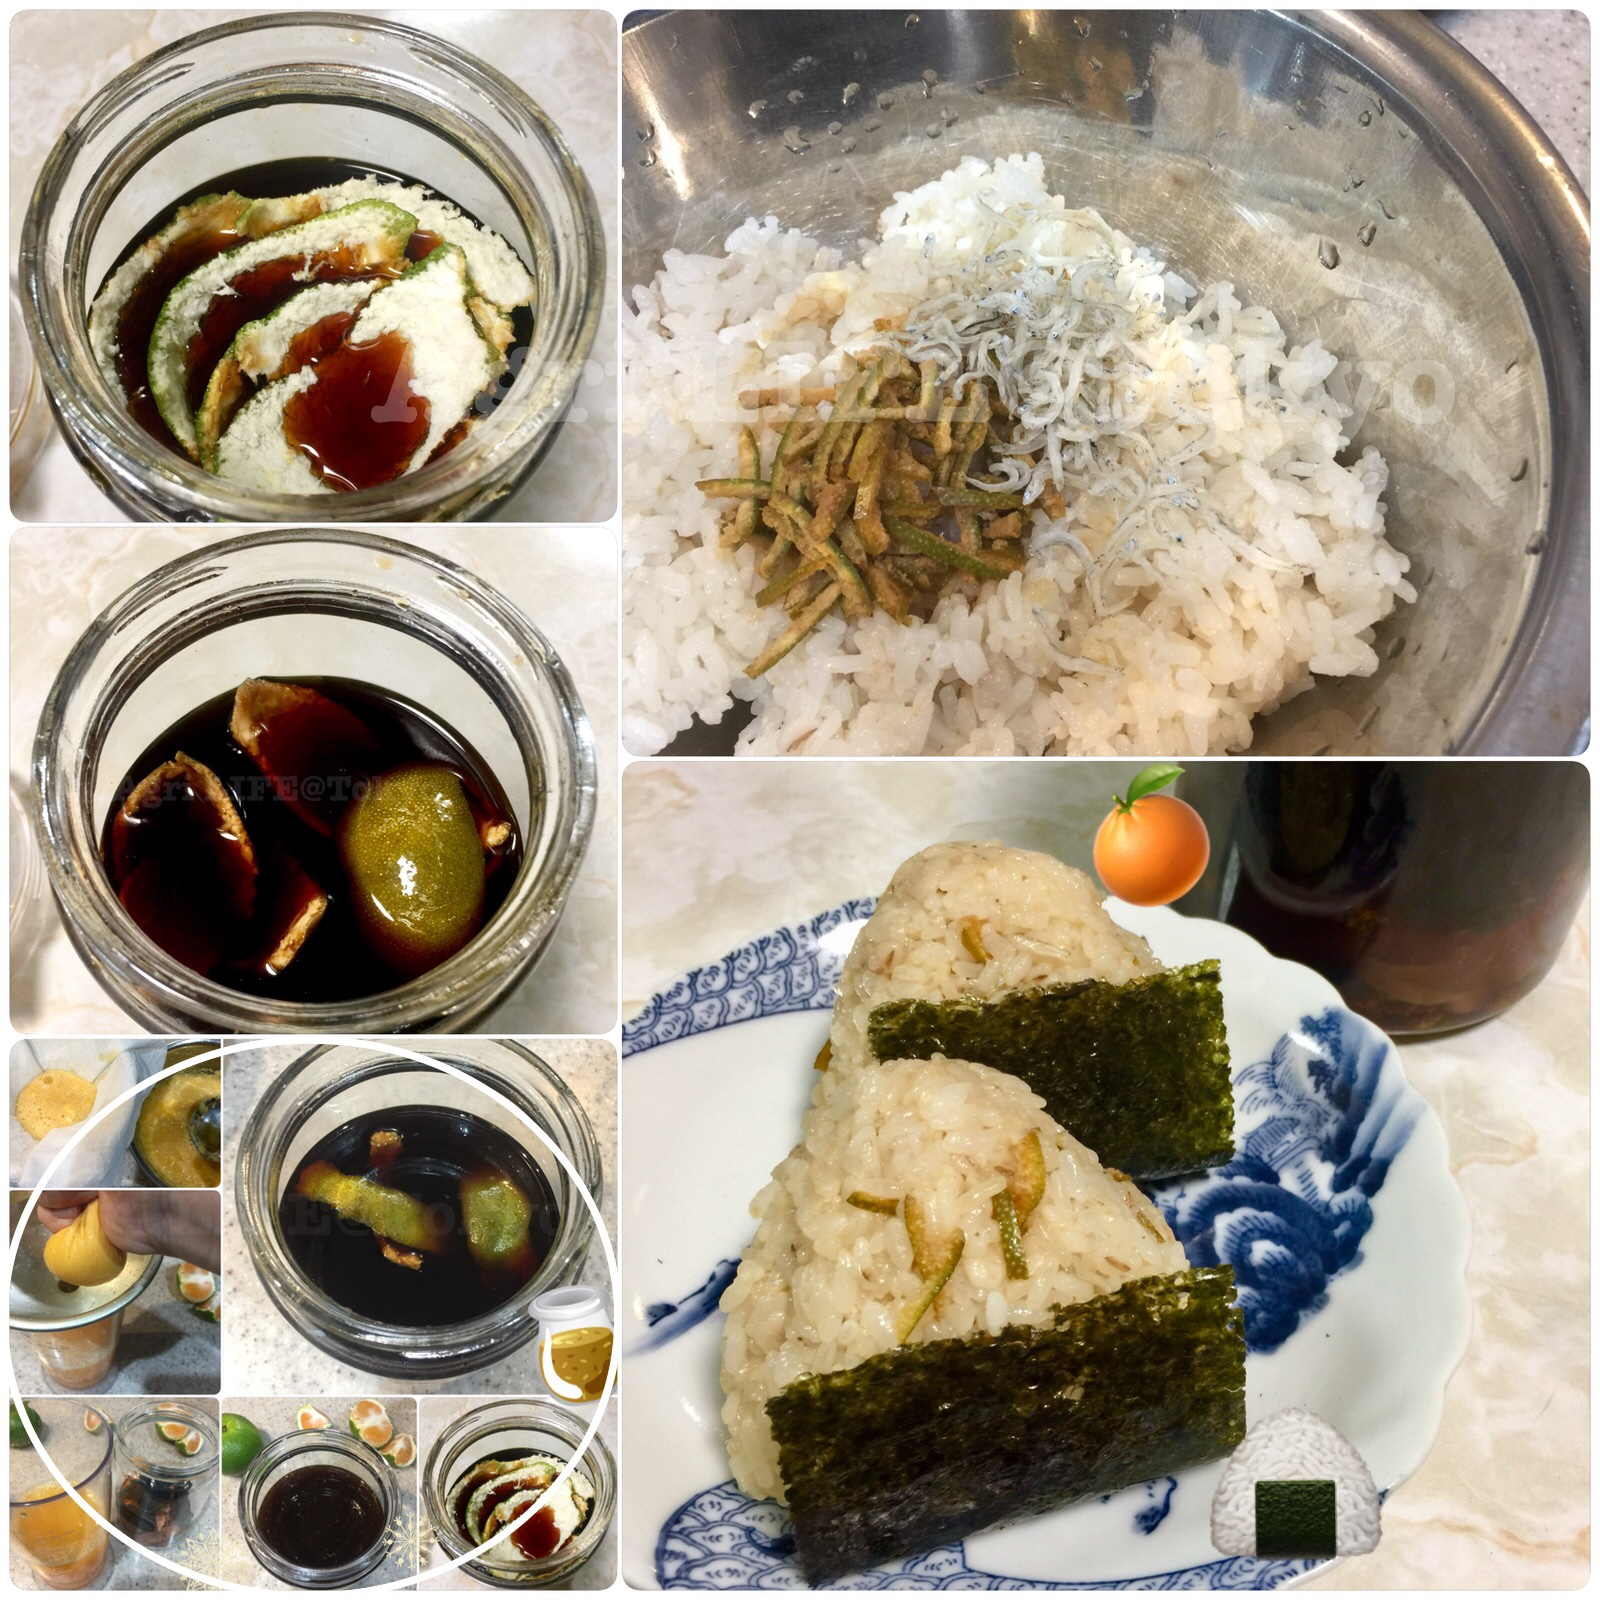 みかんピール混ぜご飯(みかんポン酢づくり)